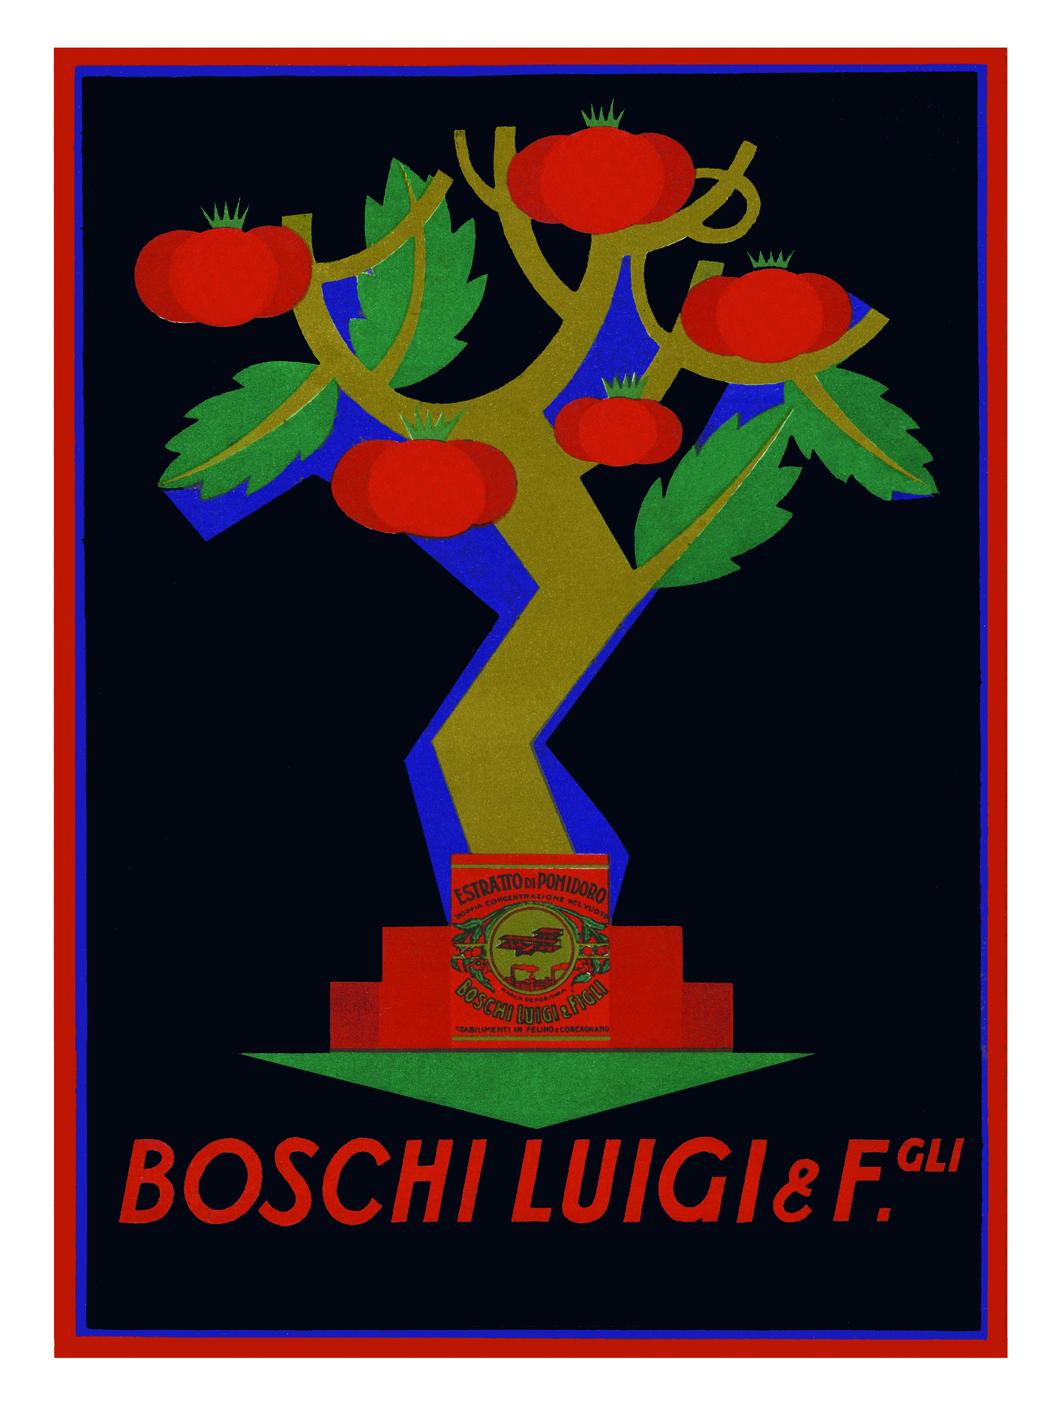 il marchio Boschi Luigi e Figli (depositato a livello europeo) è stato realizzato nel 1926 da Erberto Carboni; ora marchio della testata online